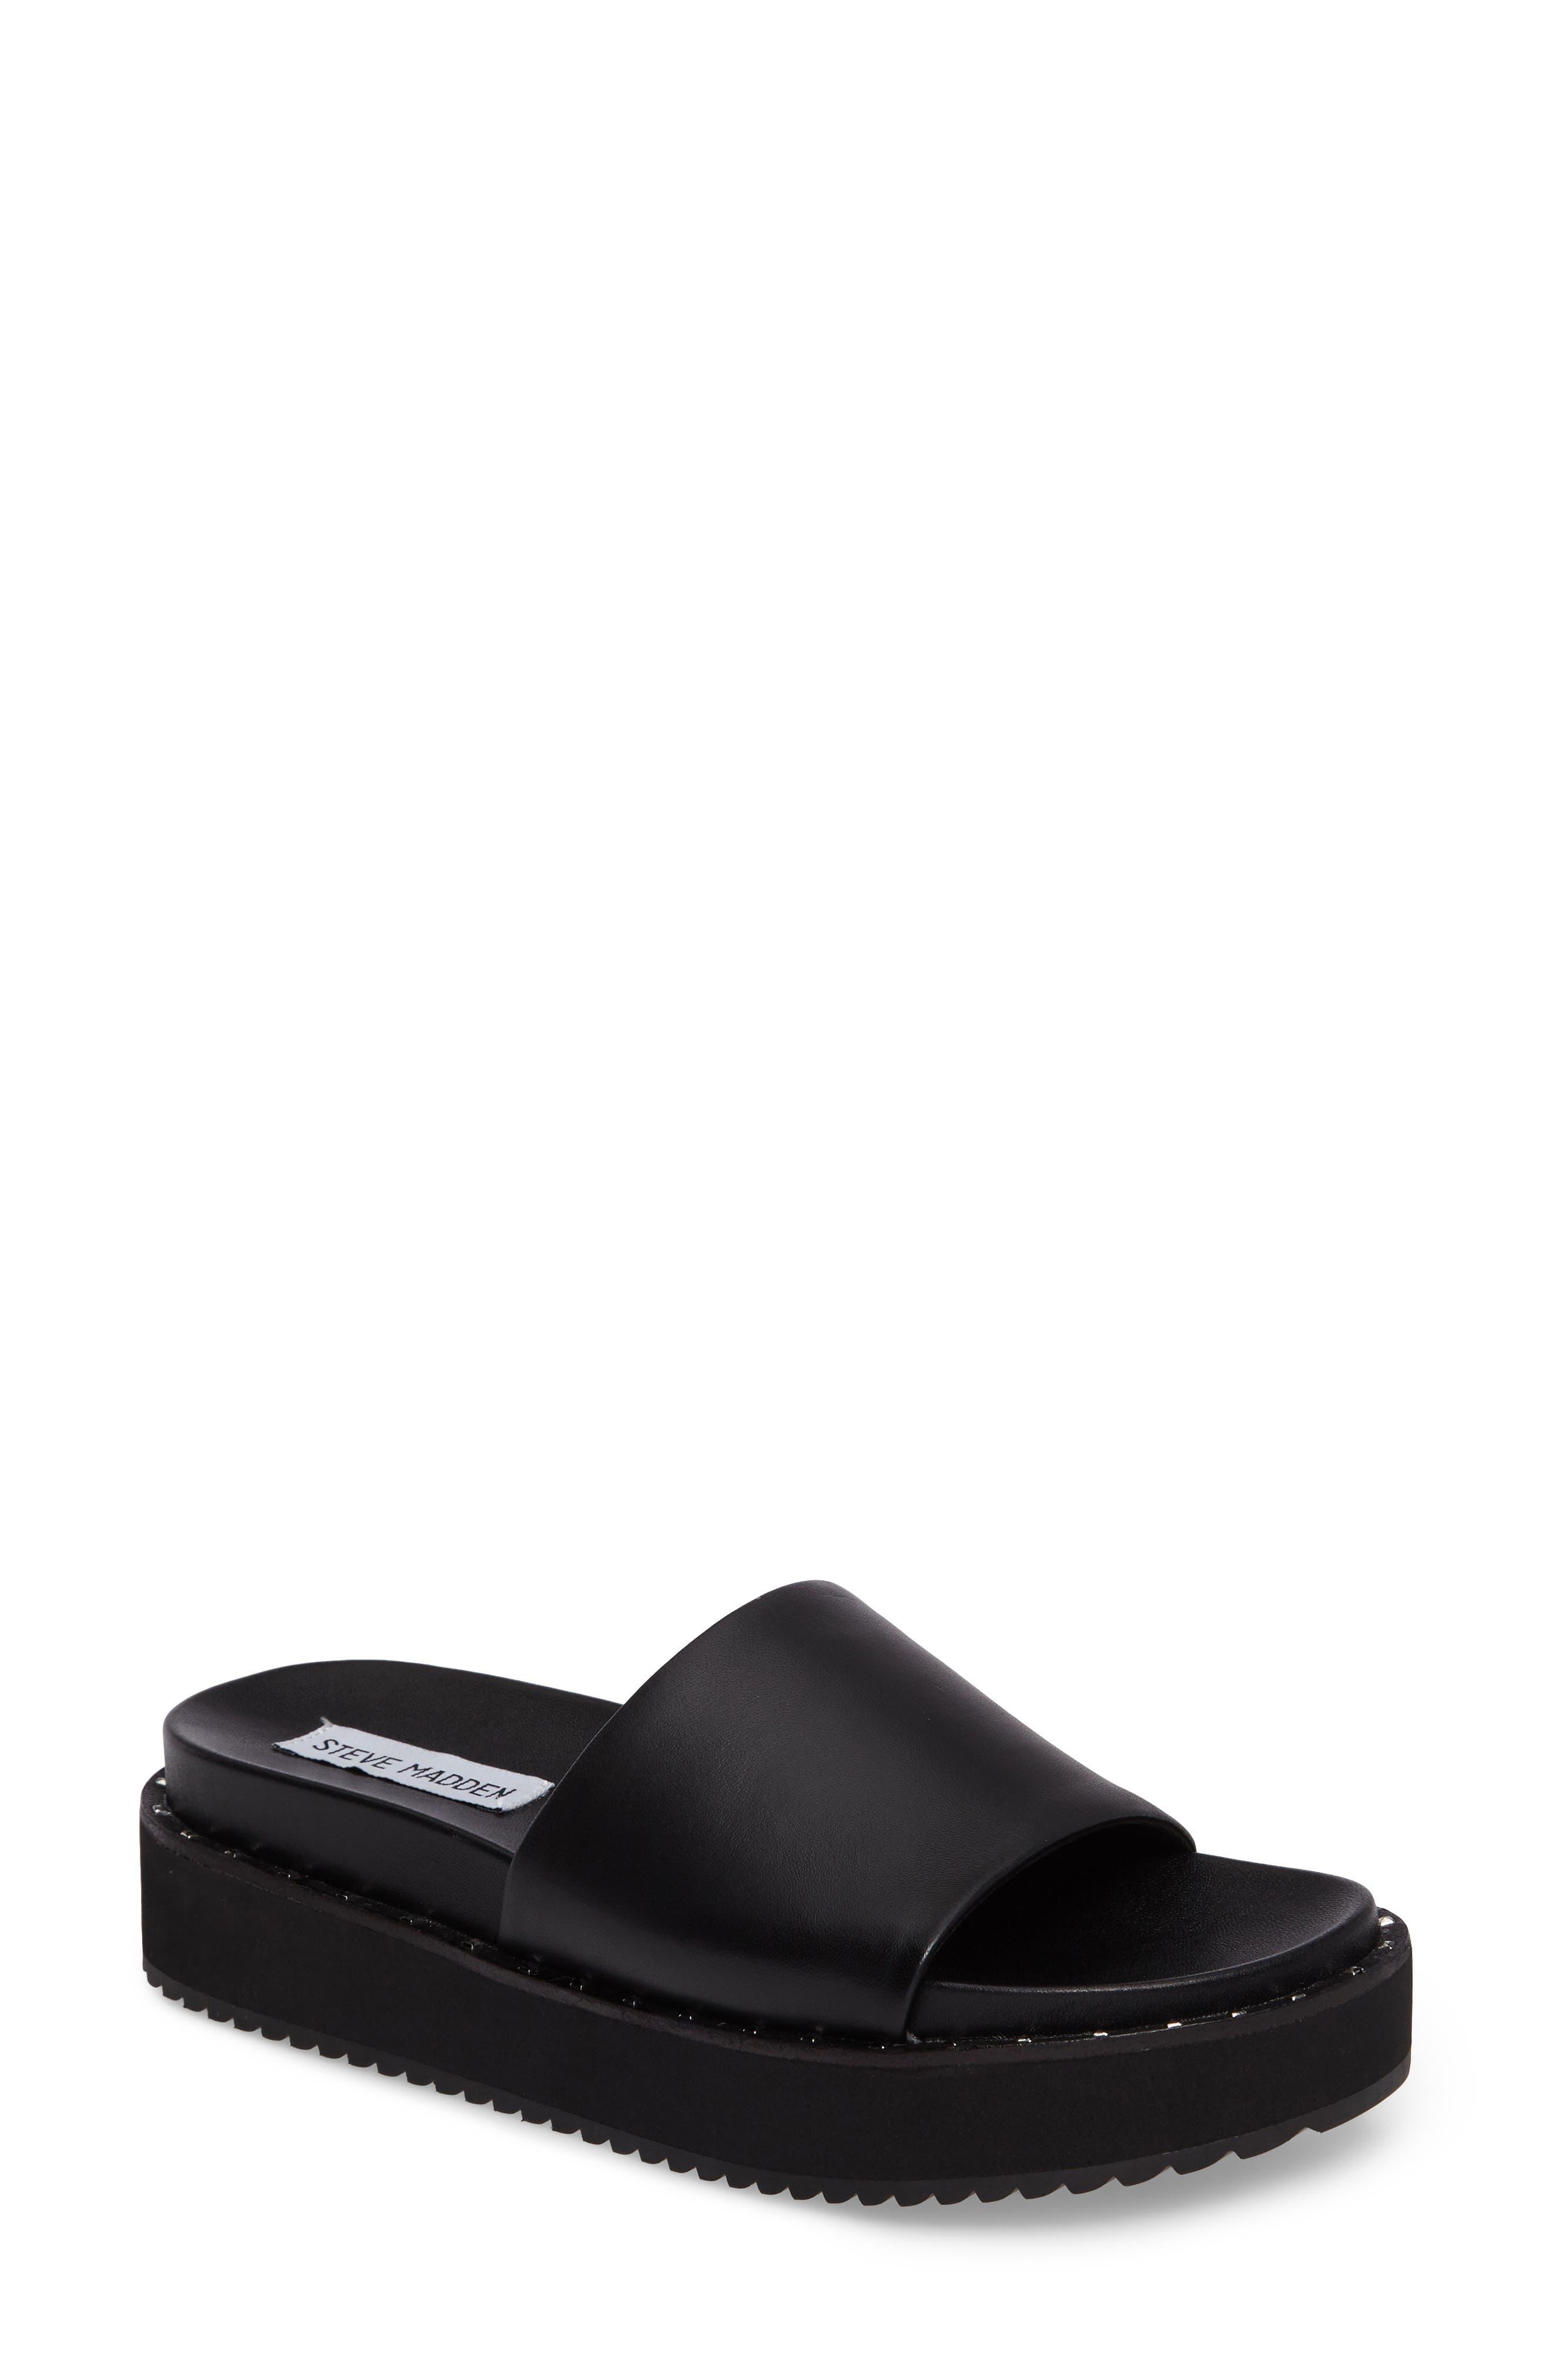 Steve Madden Jen Studded Platform Slide Sandal (Women)